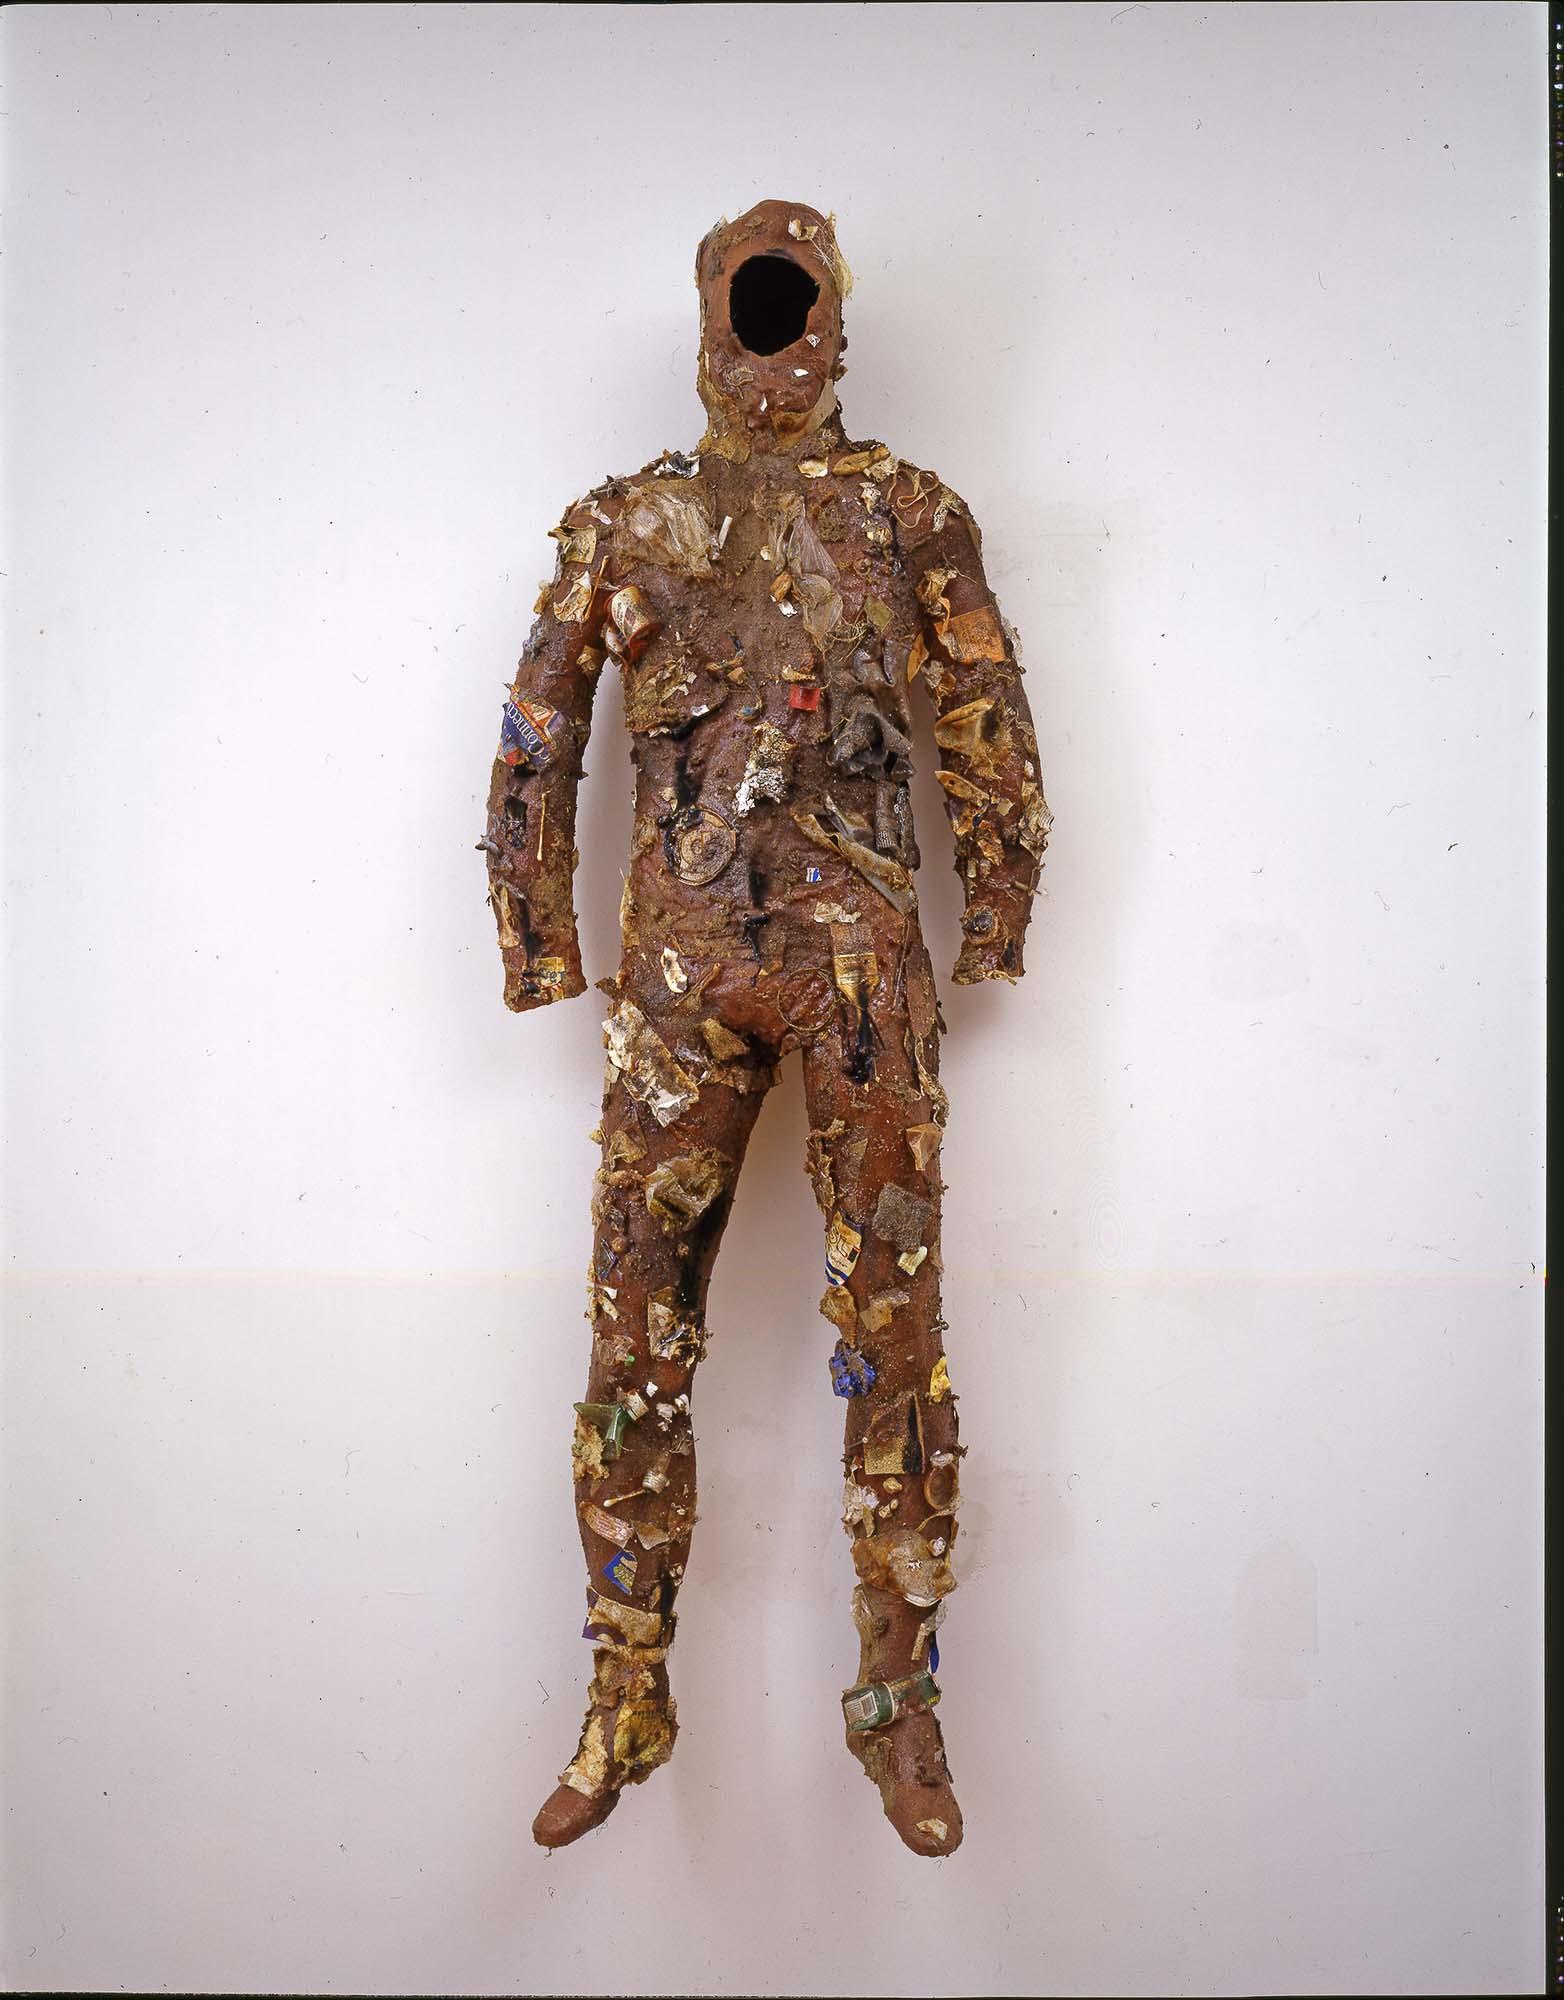 Trash Suit, 1995.